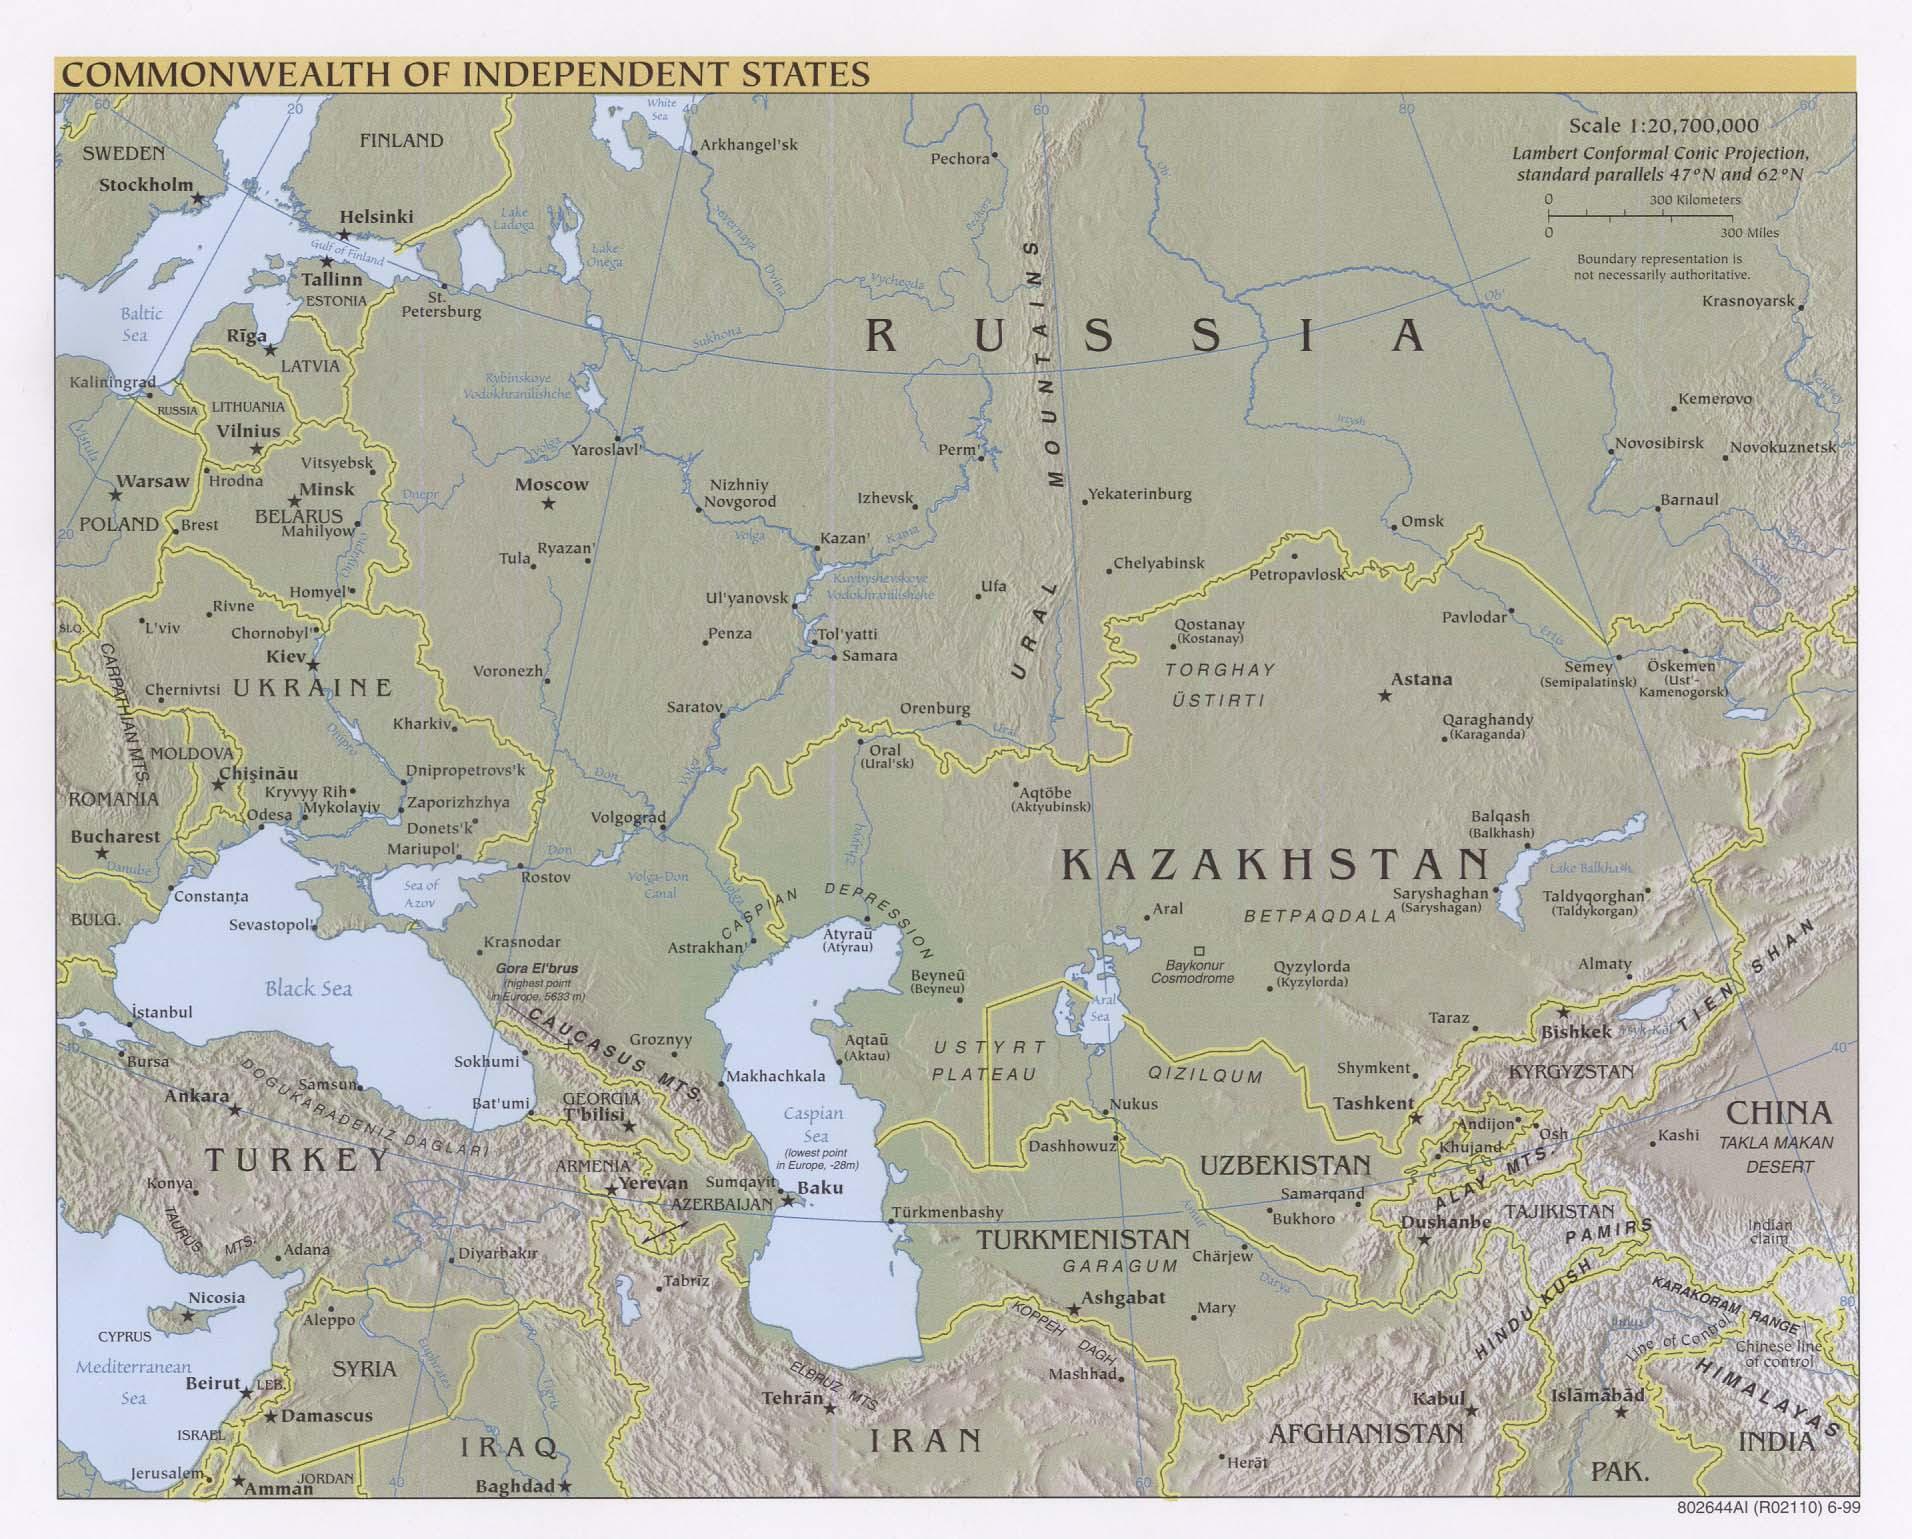 Mapa físico de la Comunidad de Estados Independientes 1999